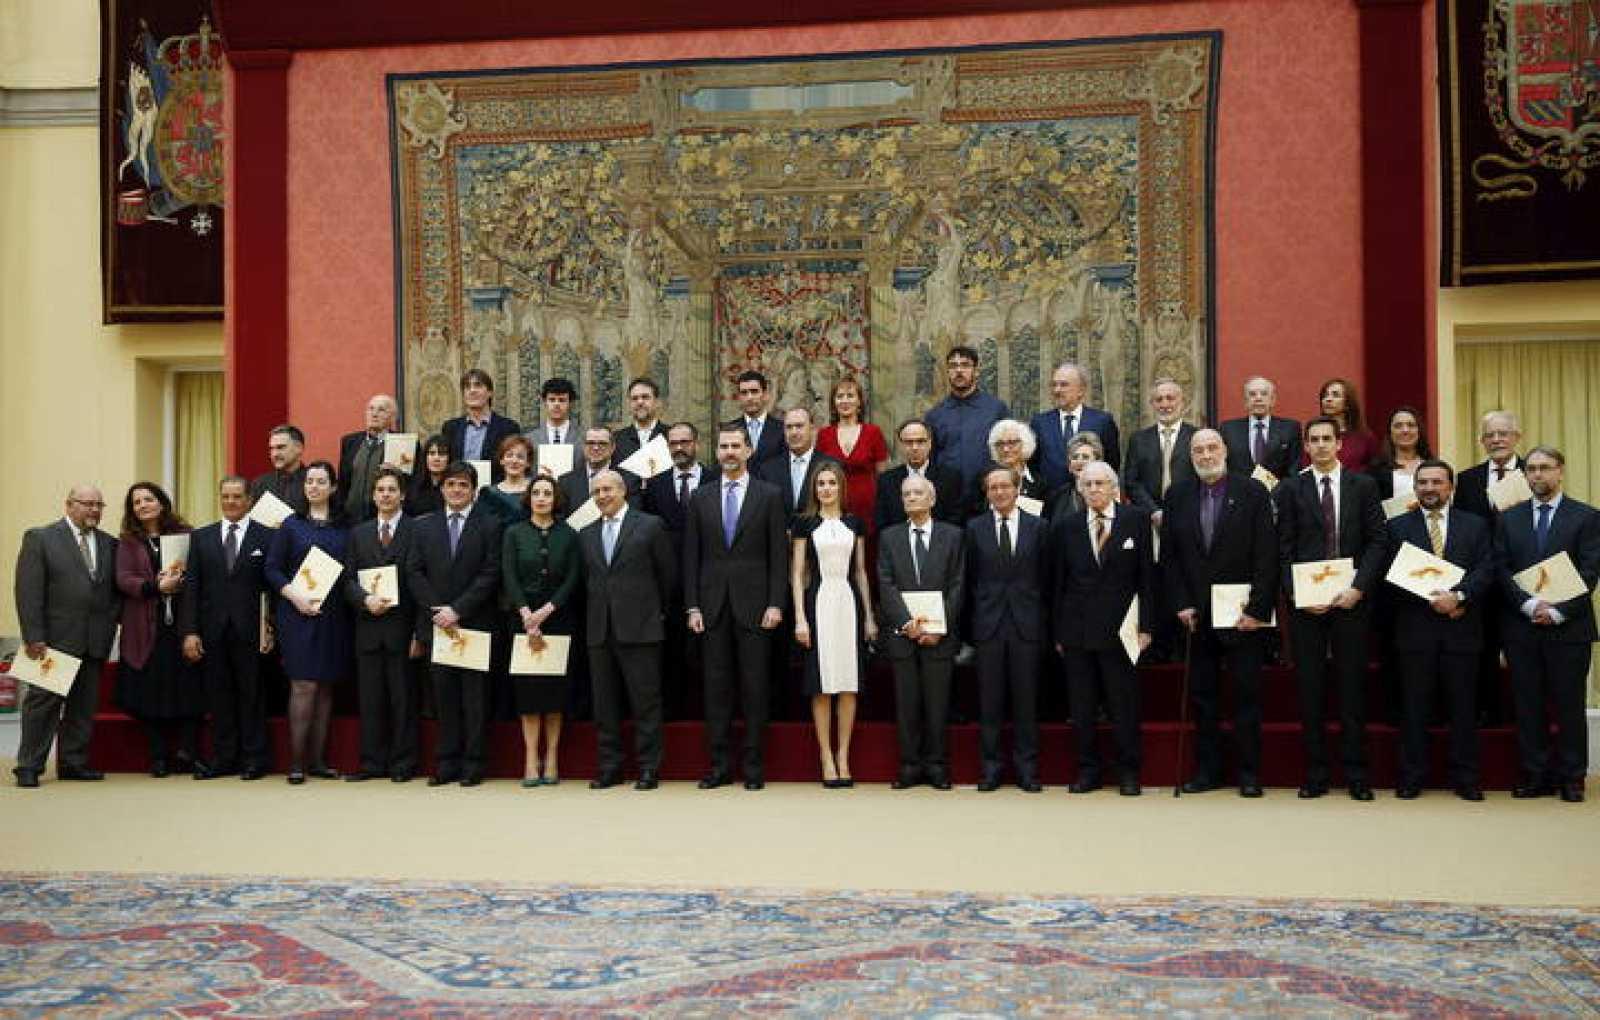 Los Reyes posan con los galardonados con los Premios Nacionales de Cultura 2013 tras la ceremonia organizada en el Palacio de El Pardo